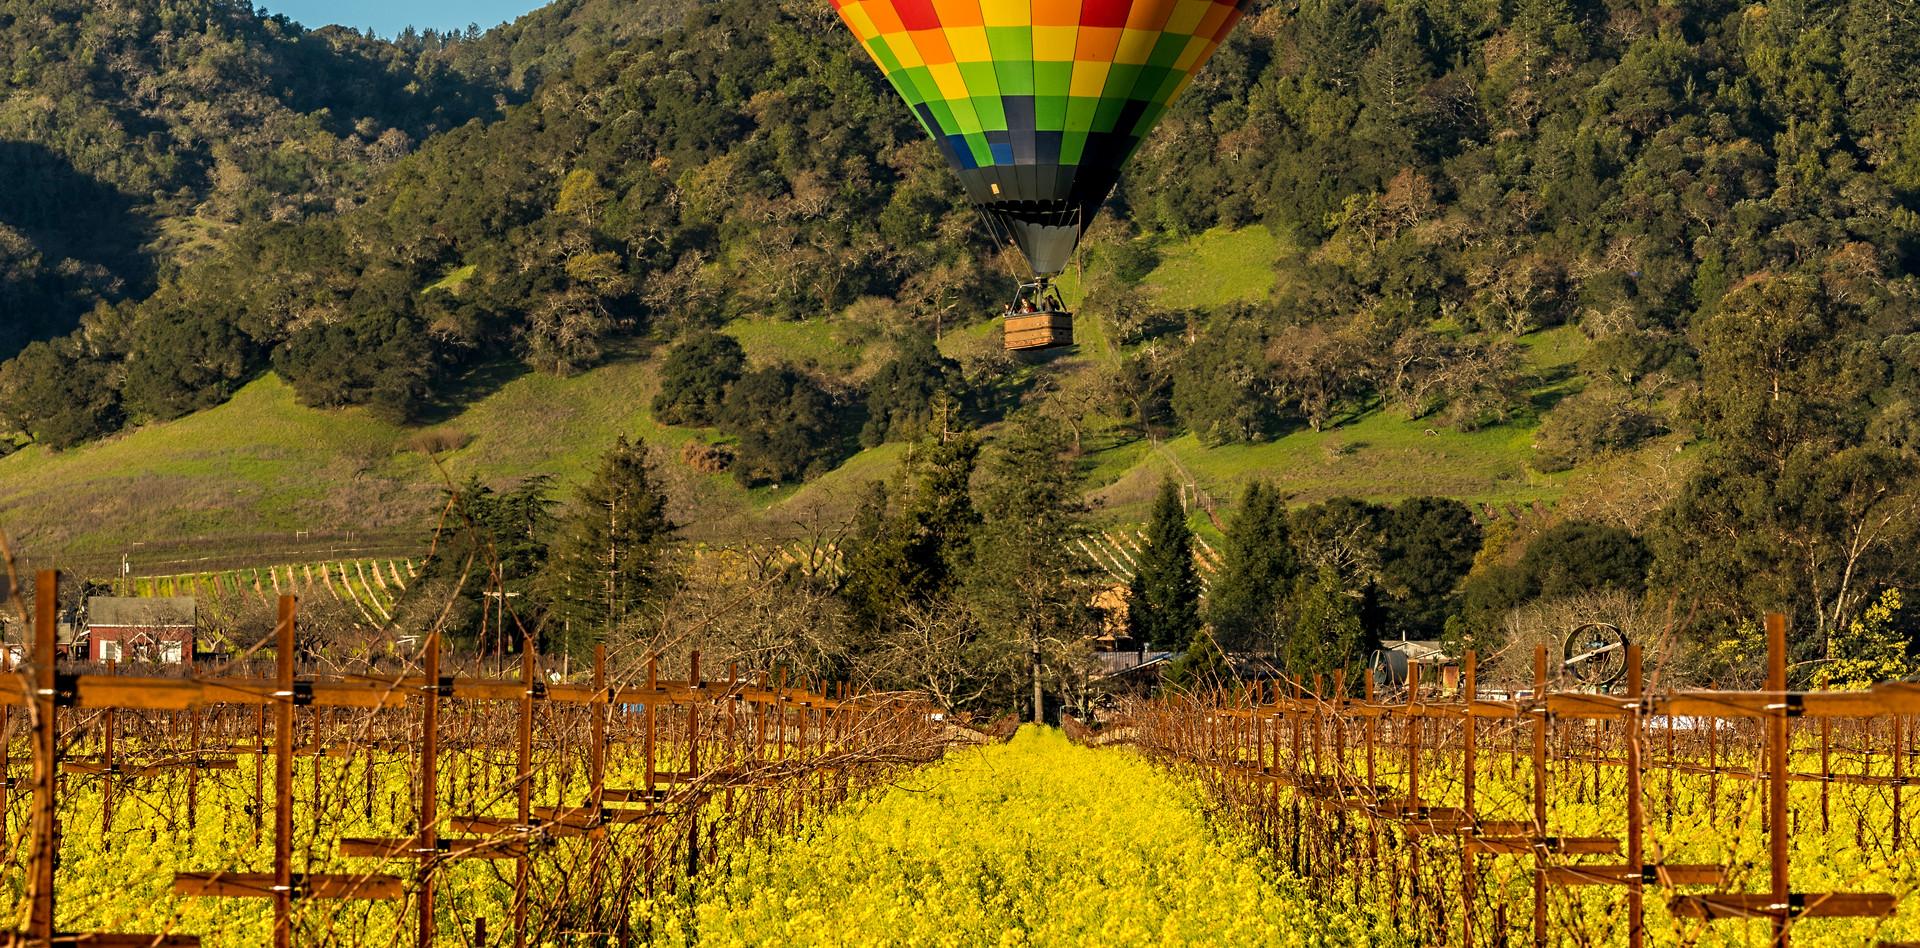 Balloon over Mustard